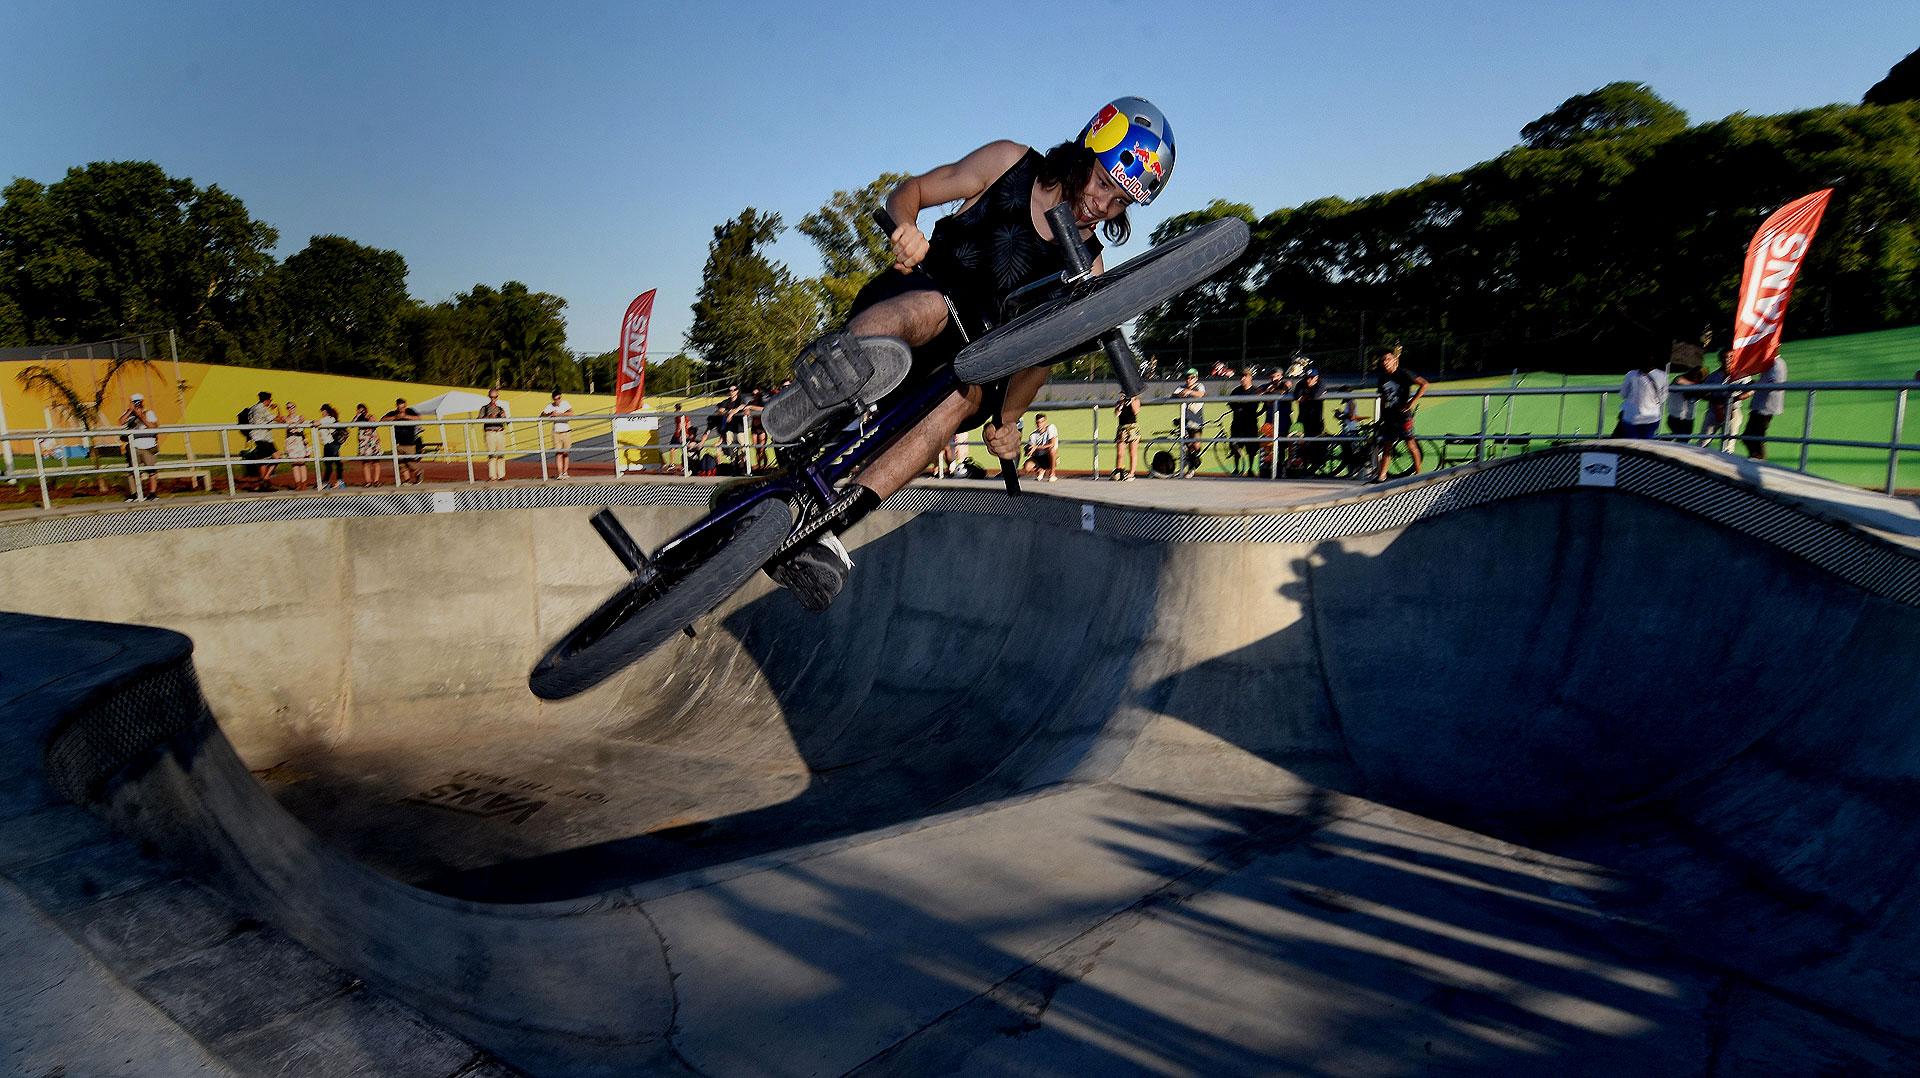 El joven Iñaki Mazza, uno de los grandes exponentes argentinos de BMX, en acción